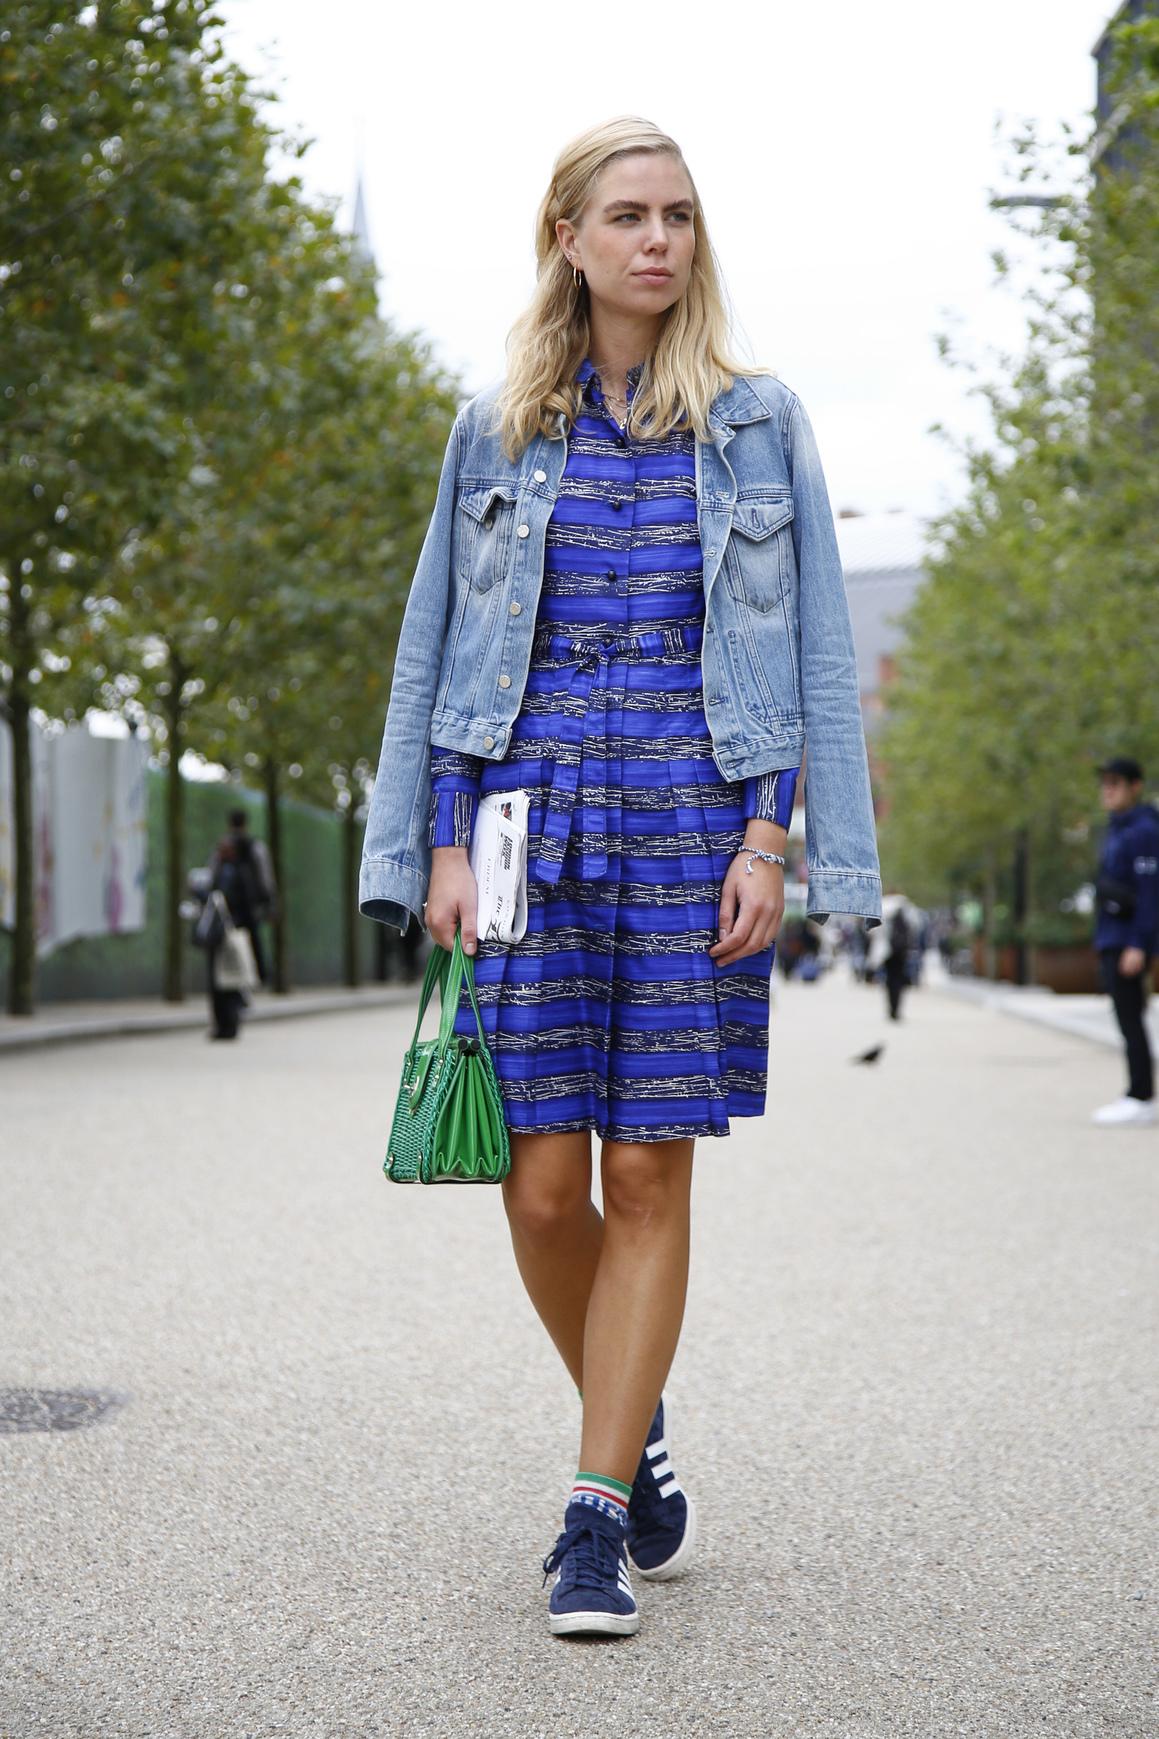 b275a2fbcab4 Lookée en baskets avec une robe imprimée - Street style   lookées en baskets  ! - Elle